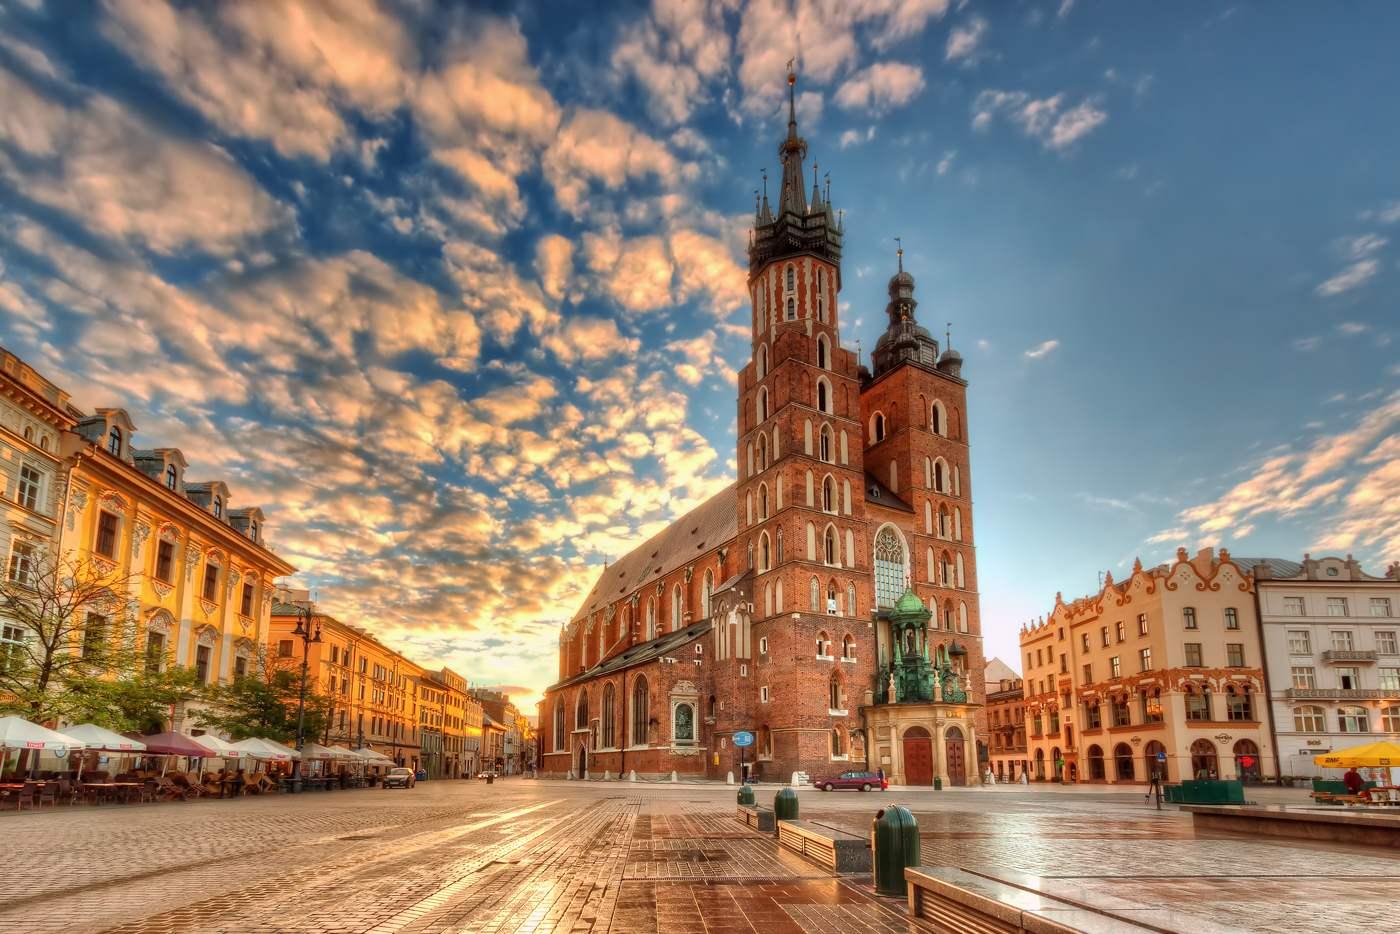 Купить электронные авиабилеты в Польшу